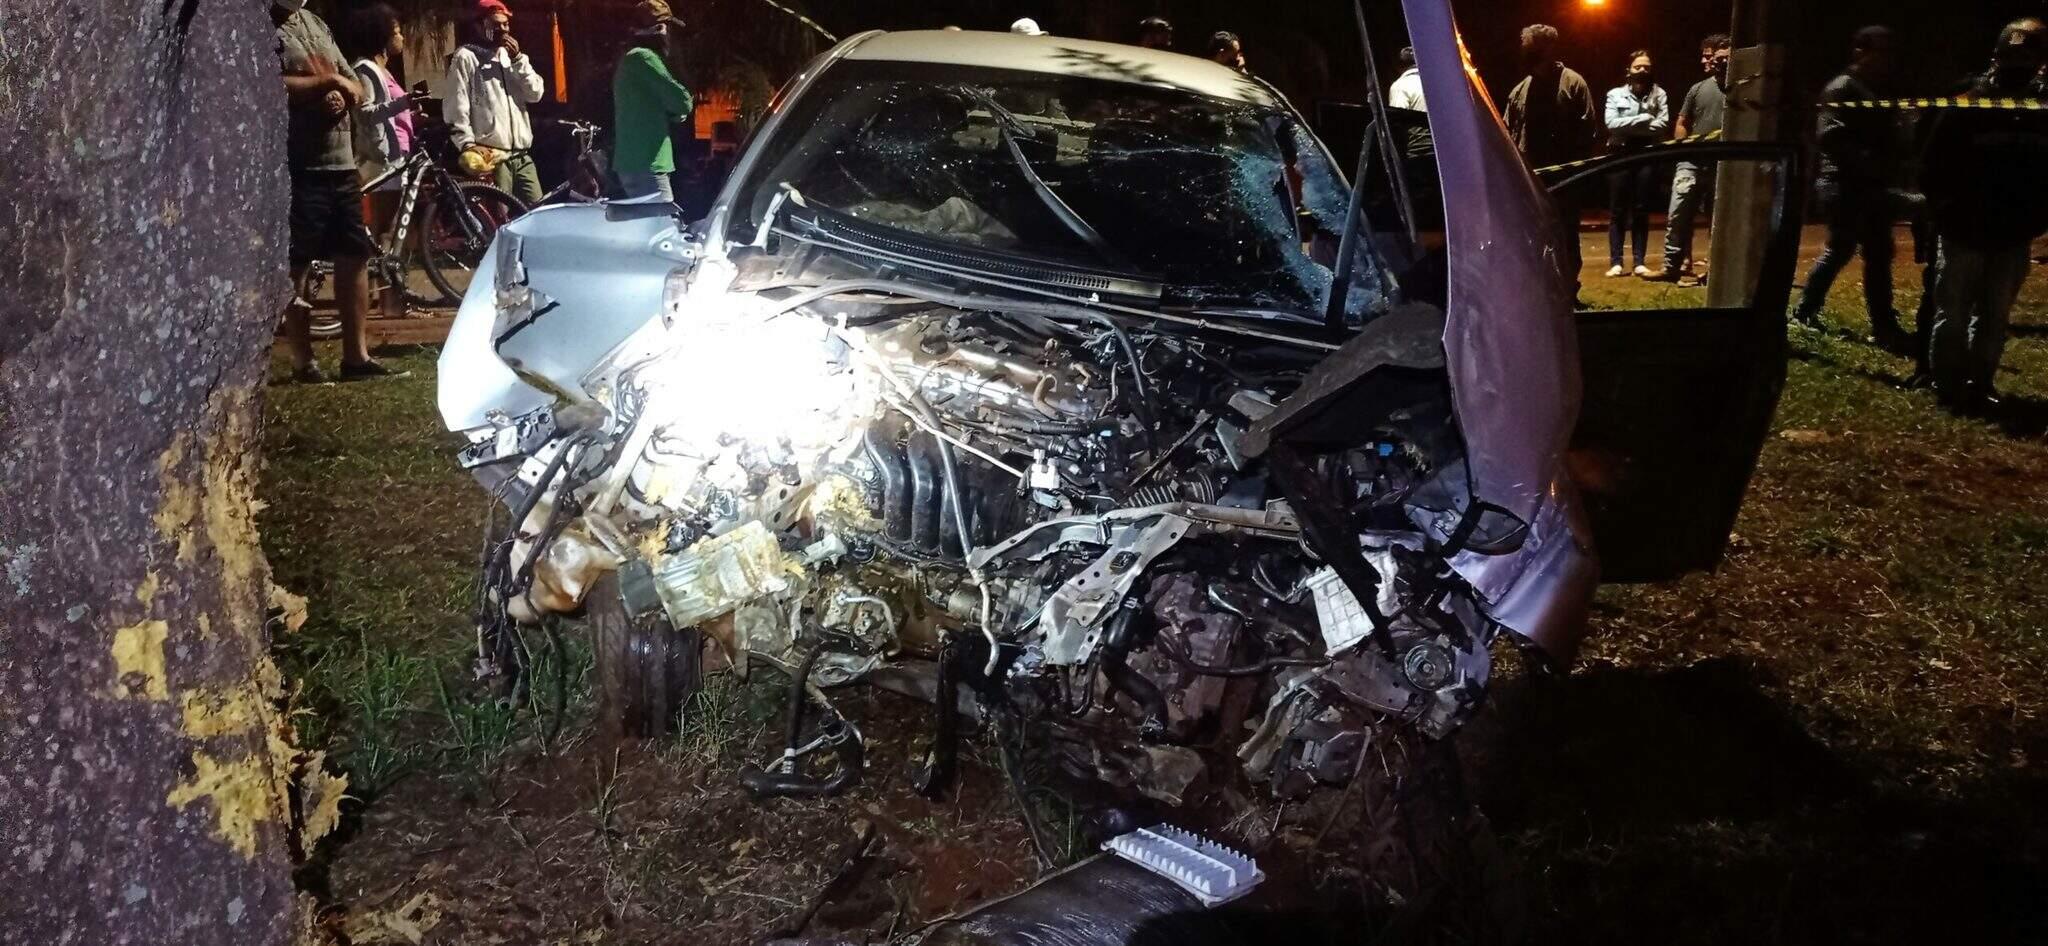 Dianteira de Corolla ficou completamente destruída em acidente (Foto: Rio Brilhante em Tempo Real)